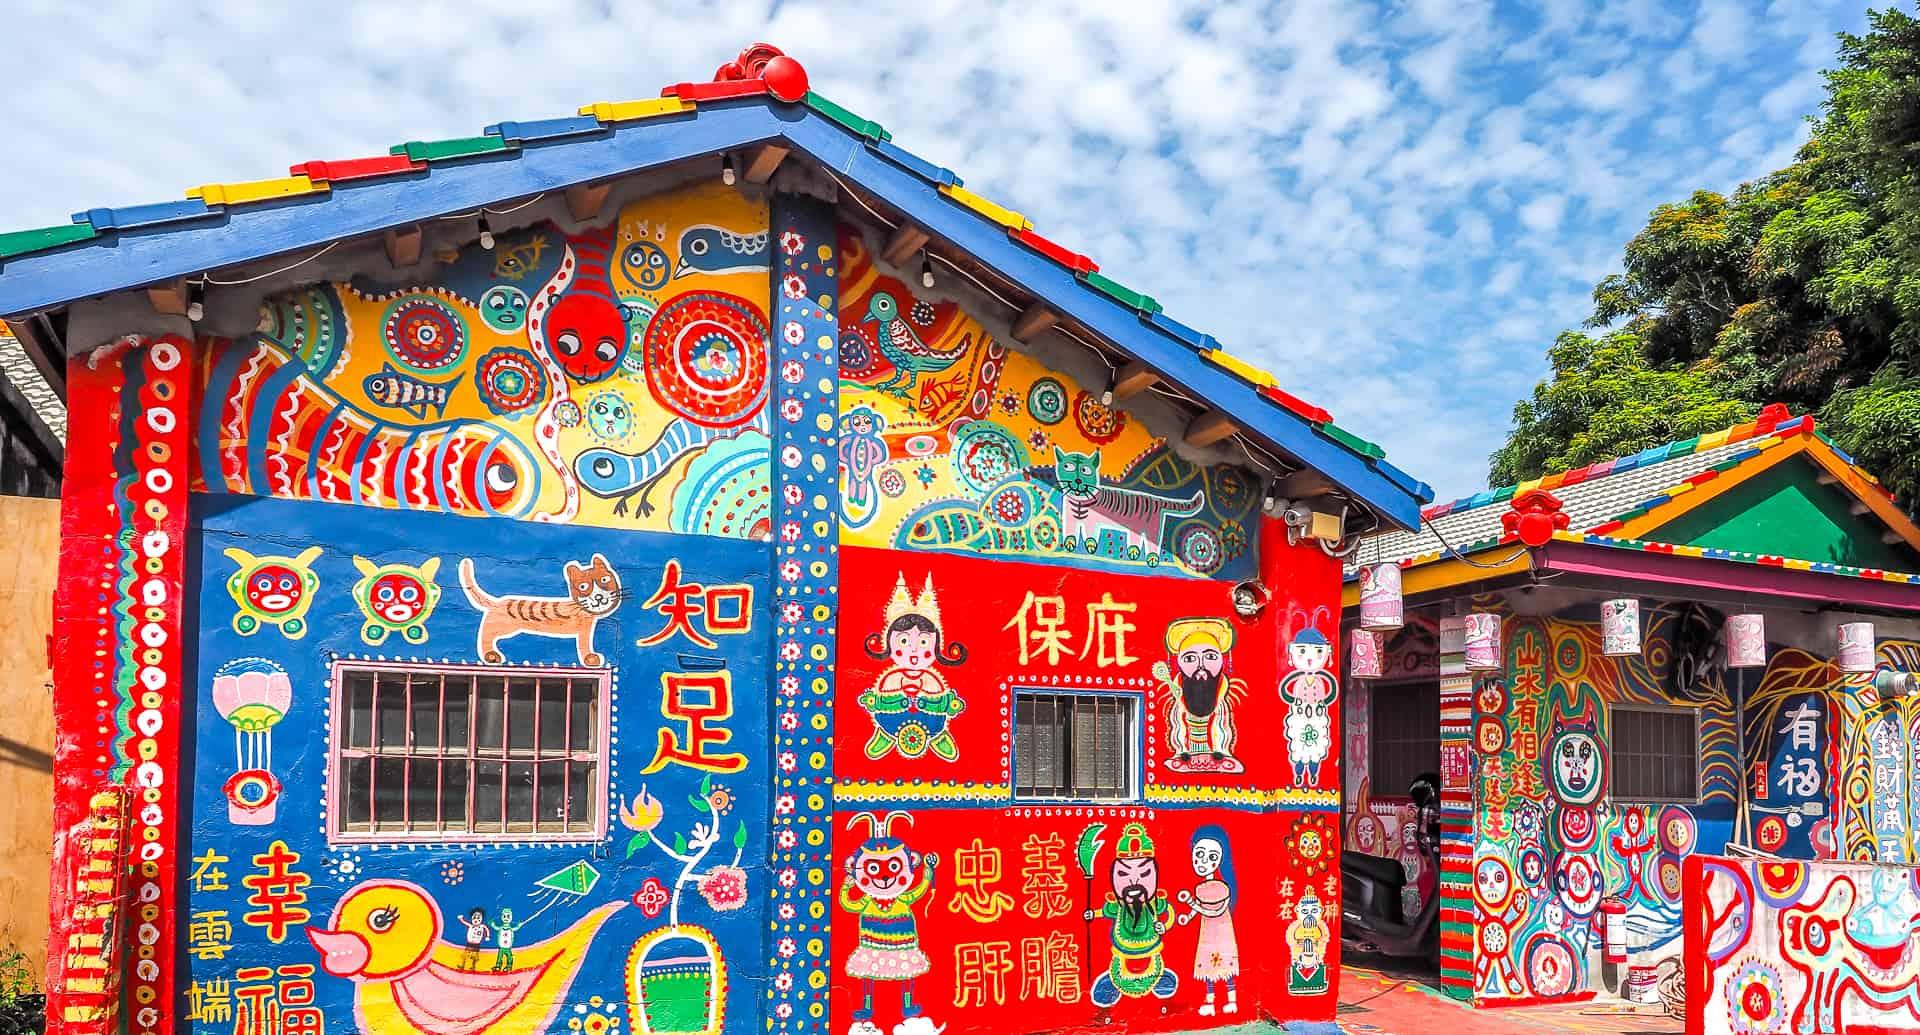 روستای رنگین کمانی در تایچونگ در کشور تایوان